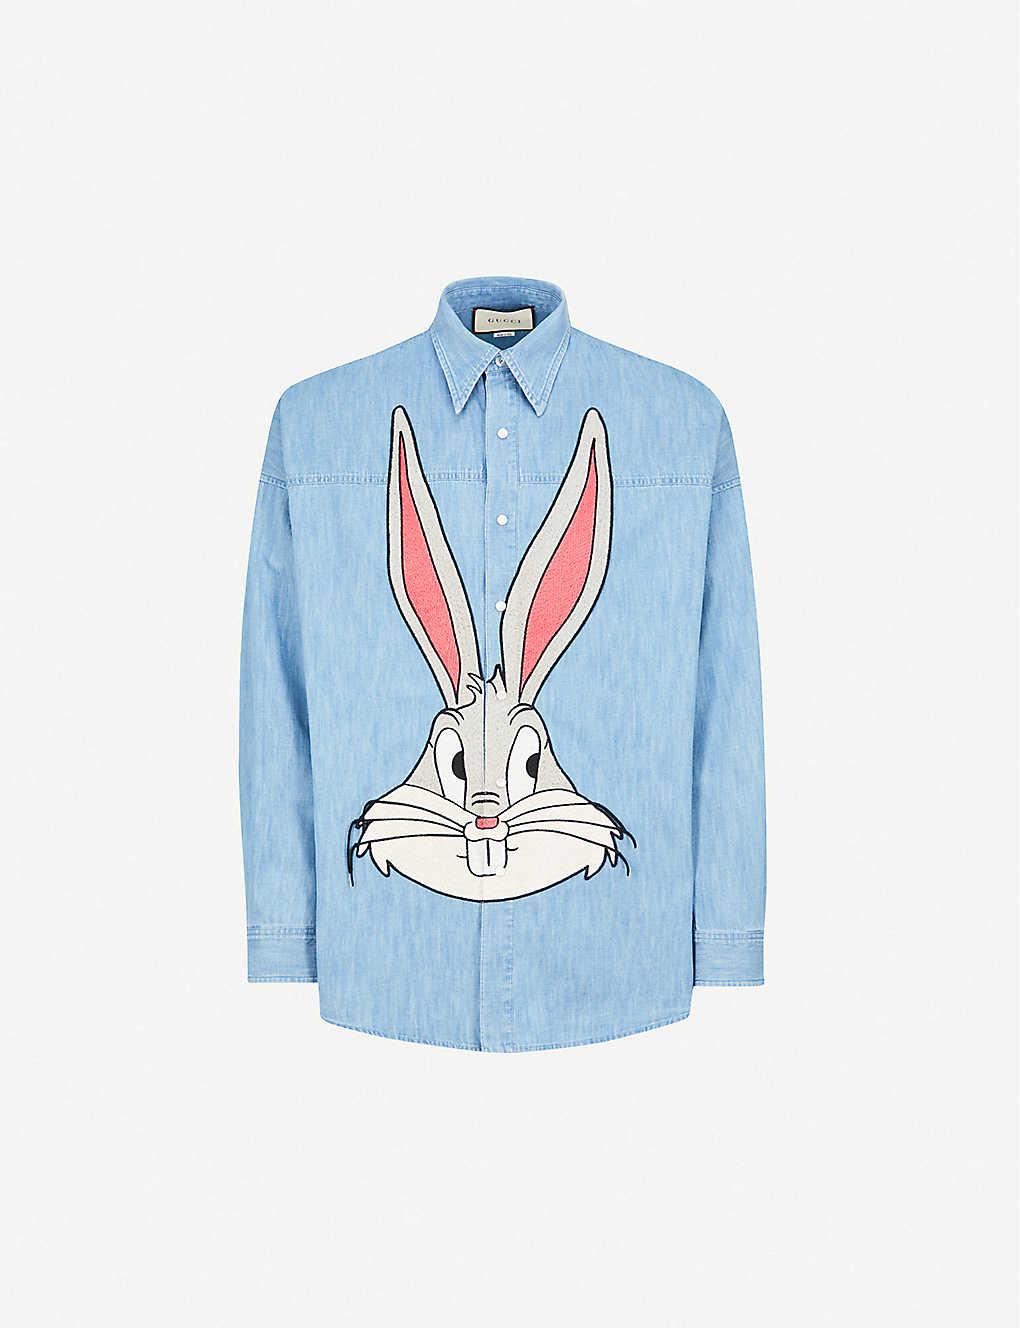 22fe4cf287cc GUCCI - Bugs Bunny regular-fit denim shirt | Selfridges.com